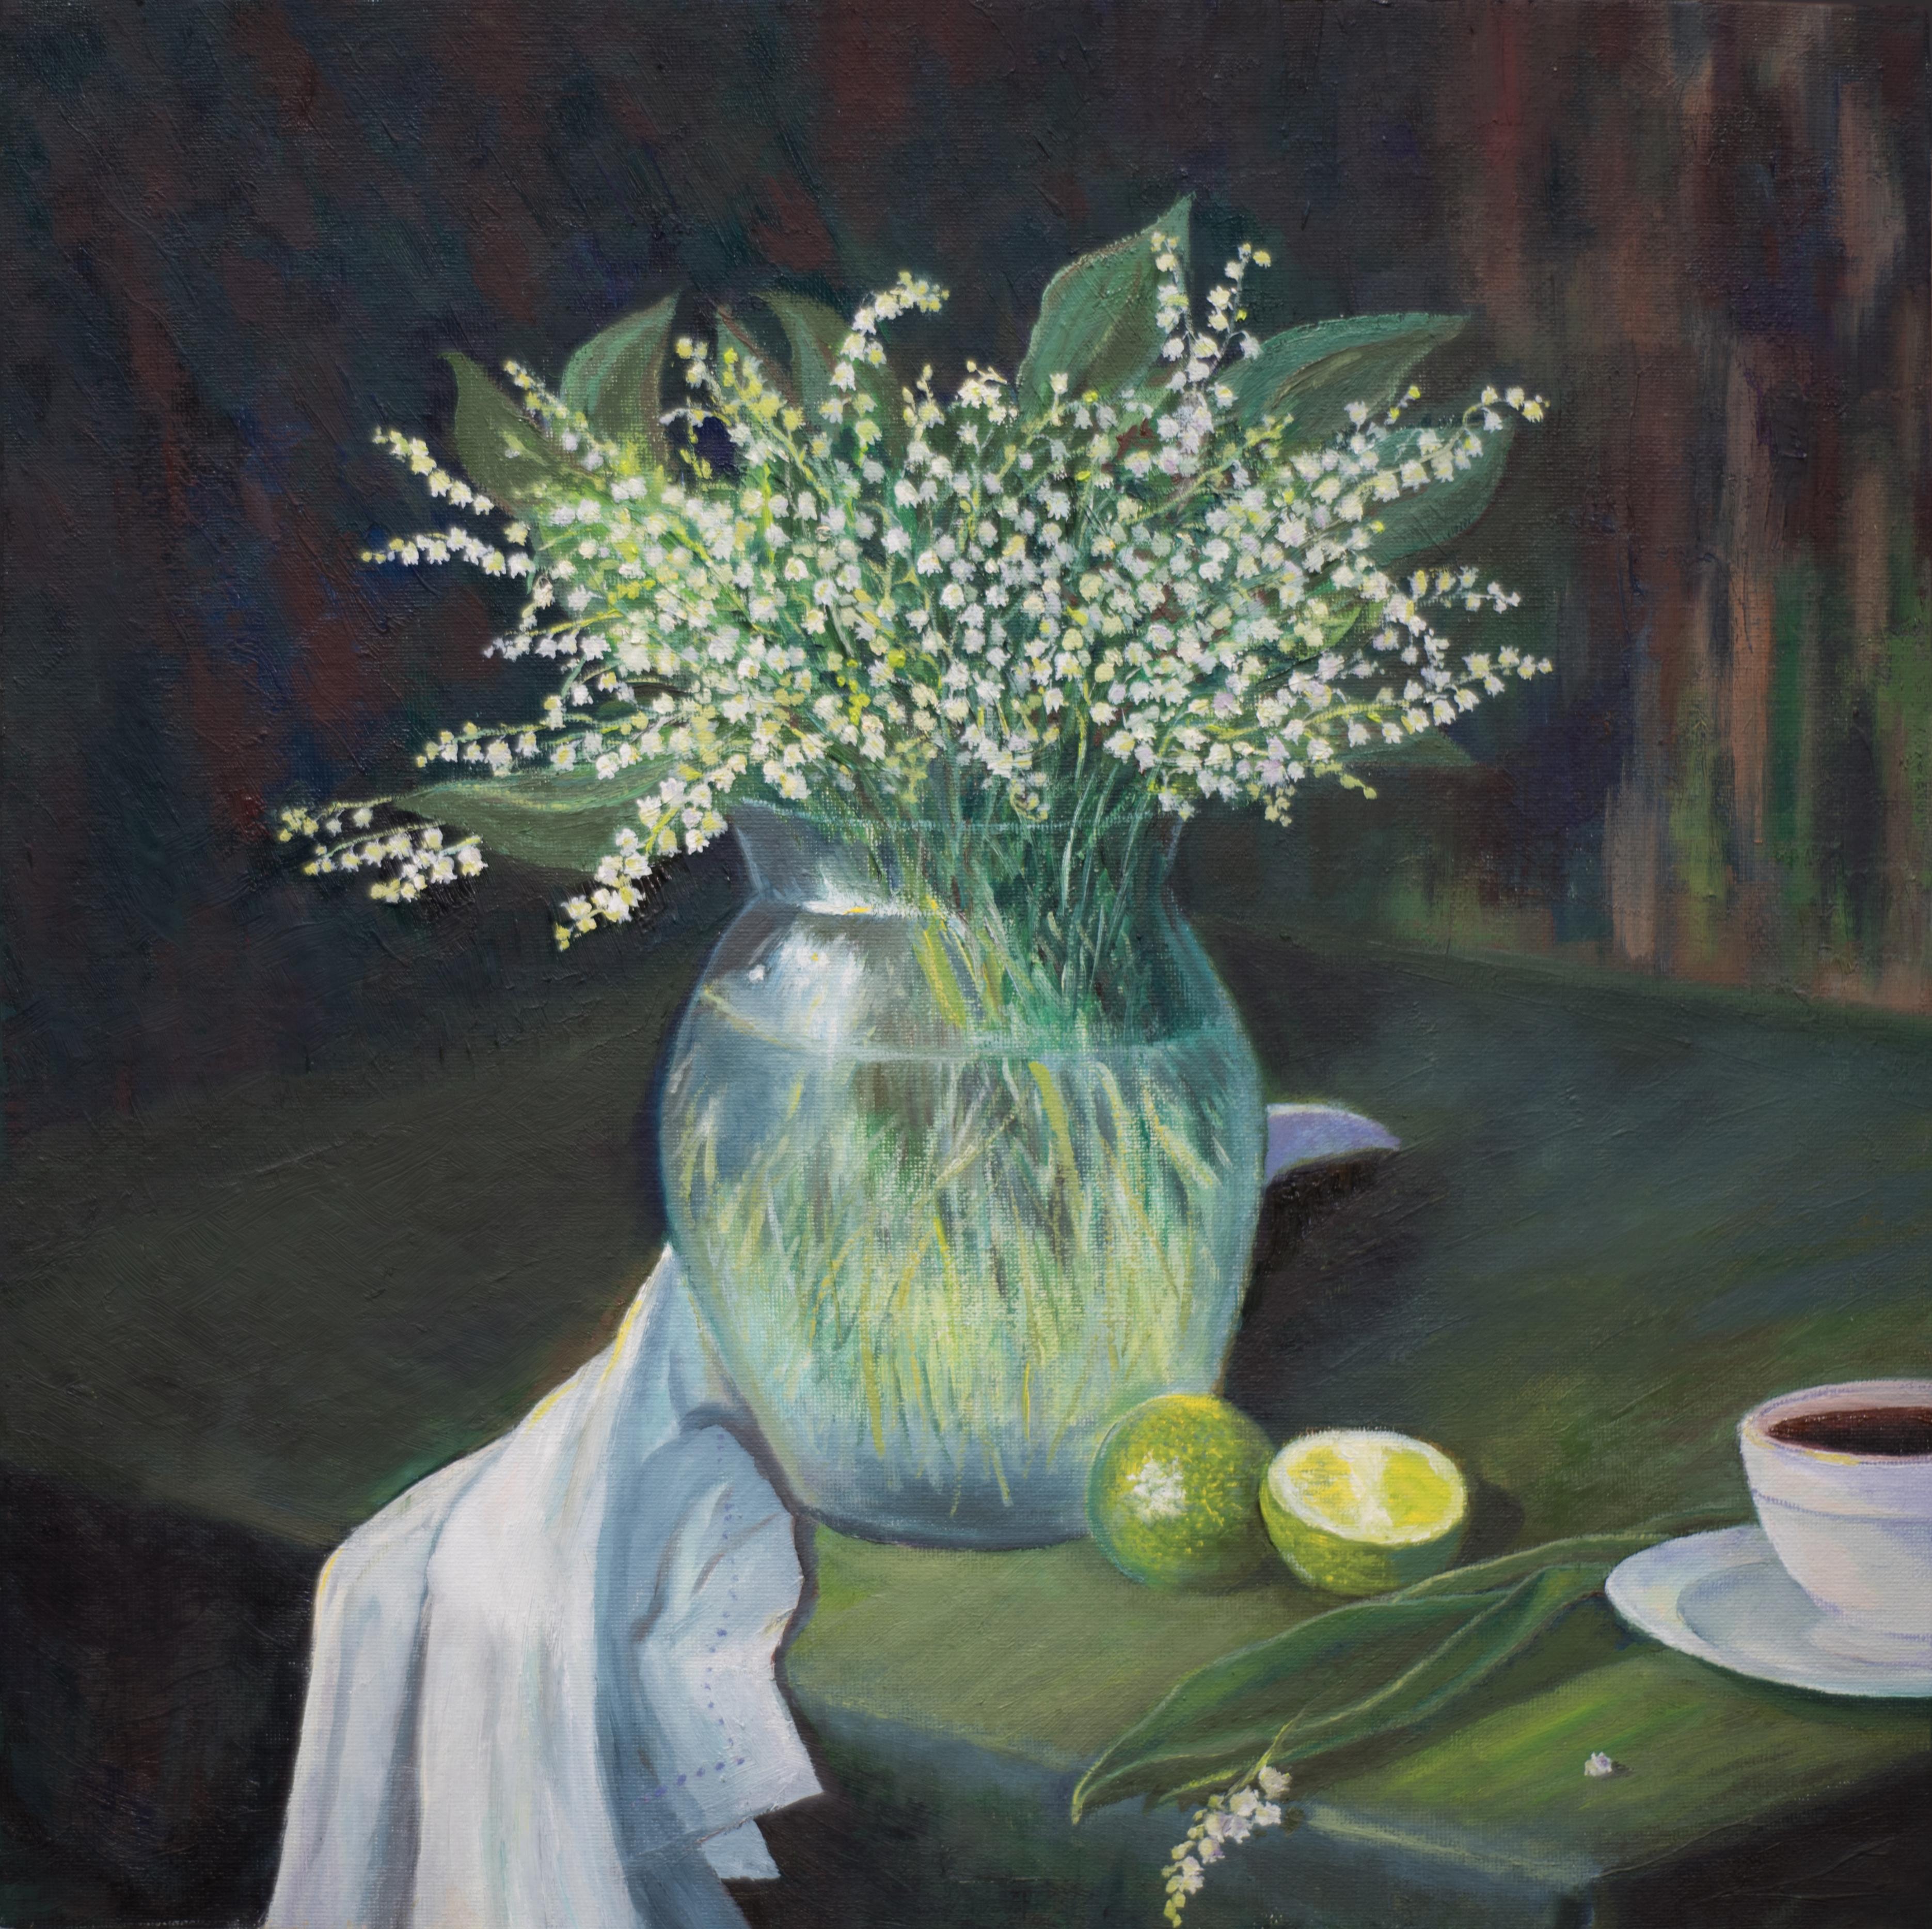 натюрморт still life картина маслом ландыши лайм художник Альберт Сафиуллин